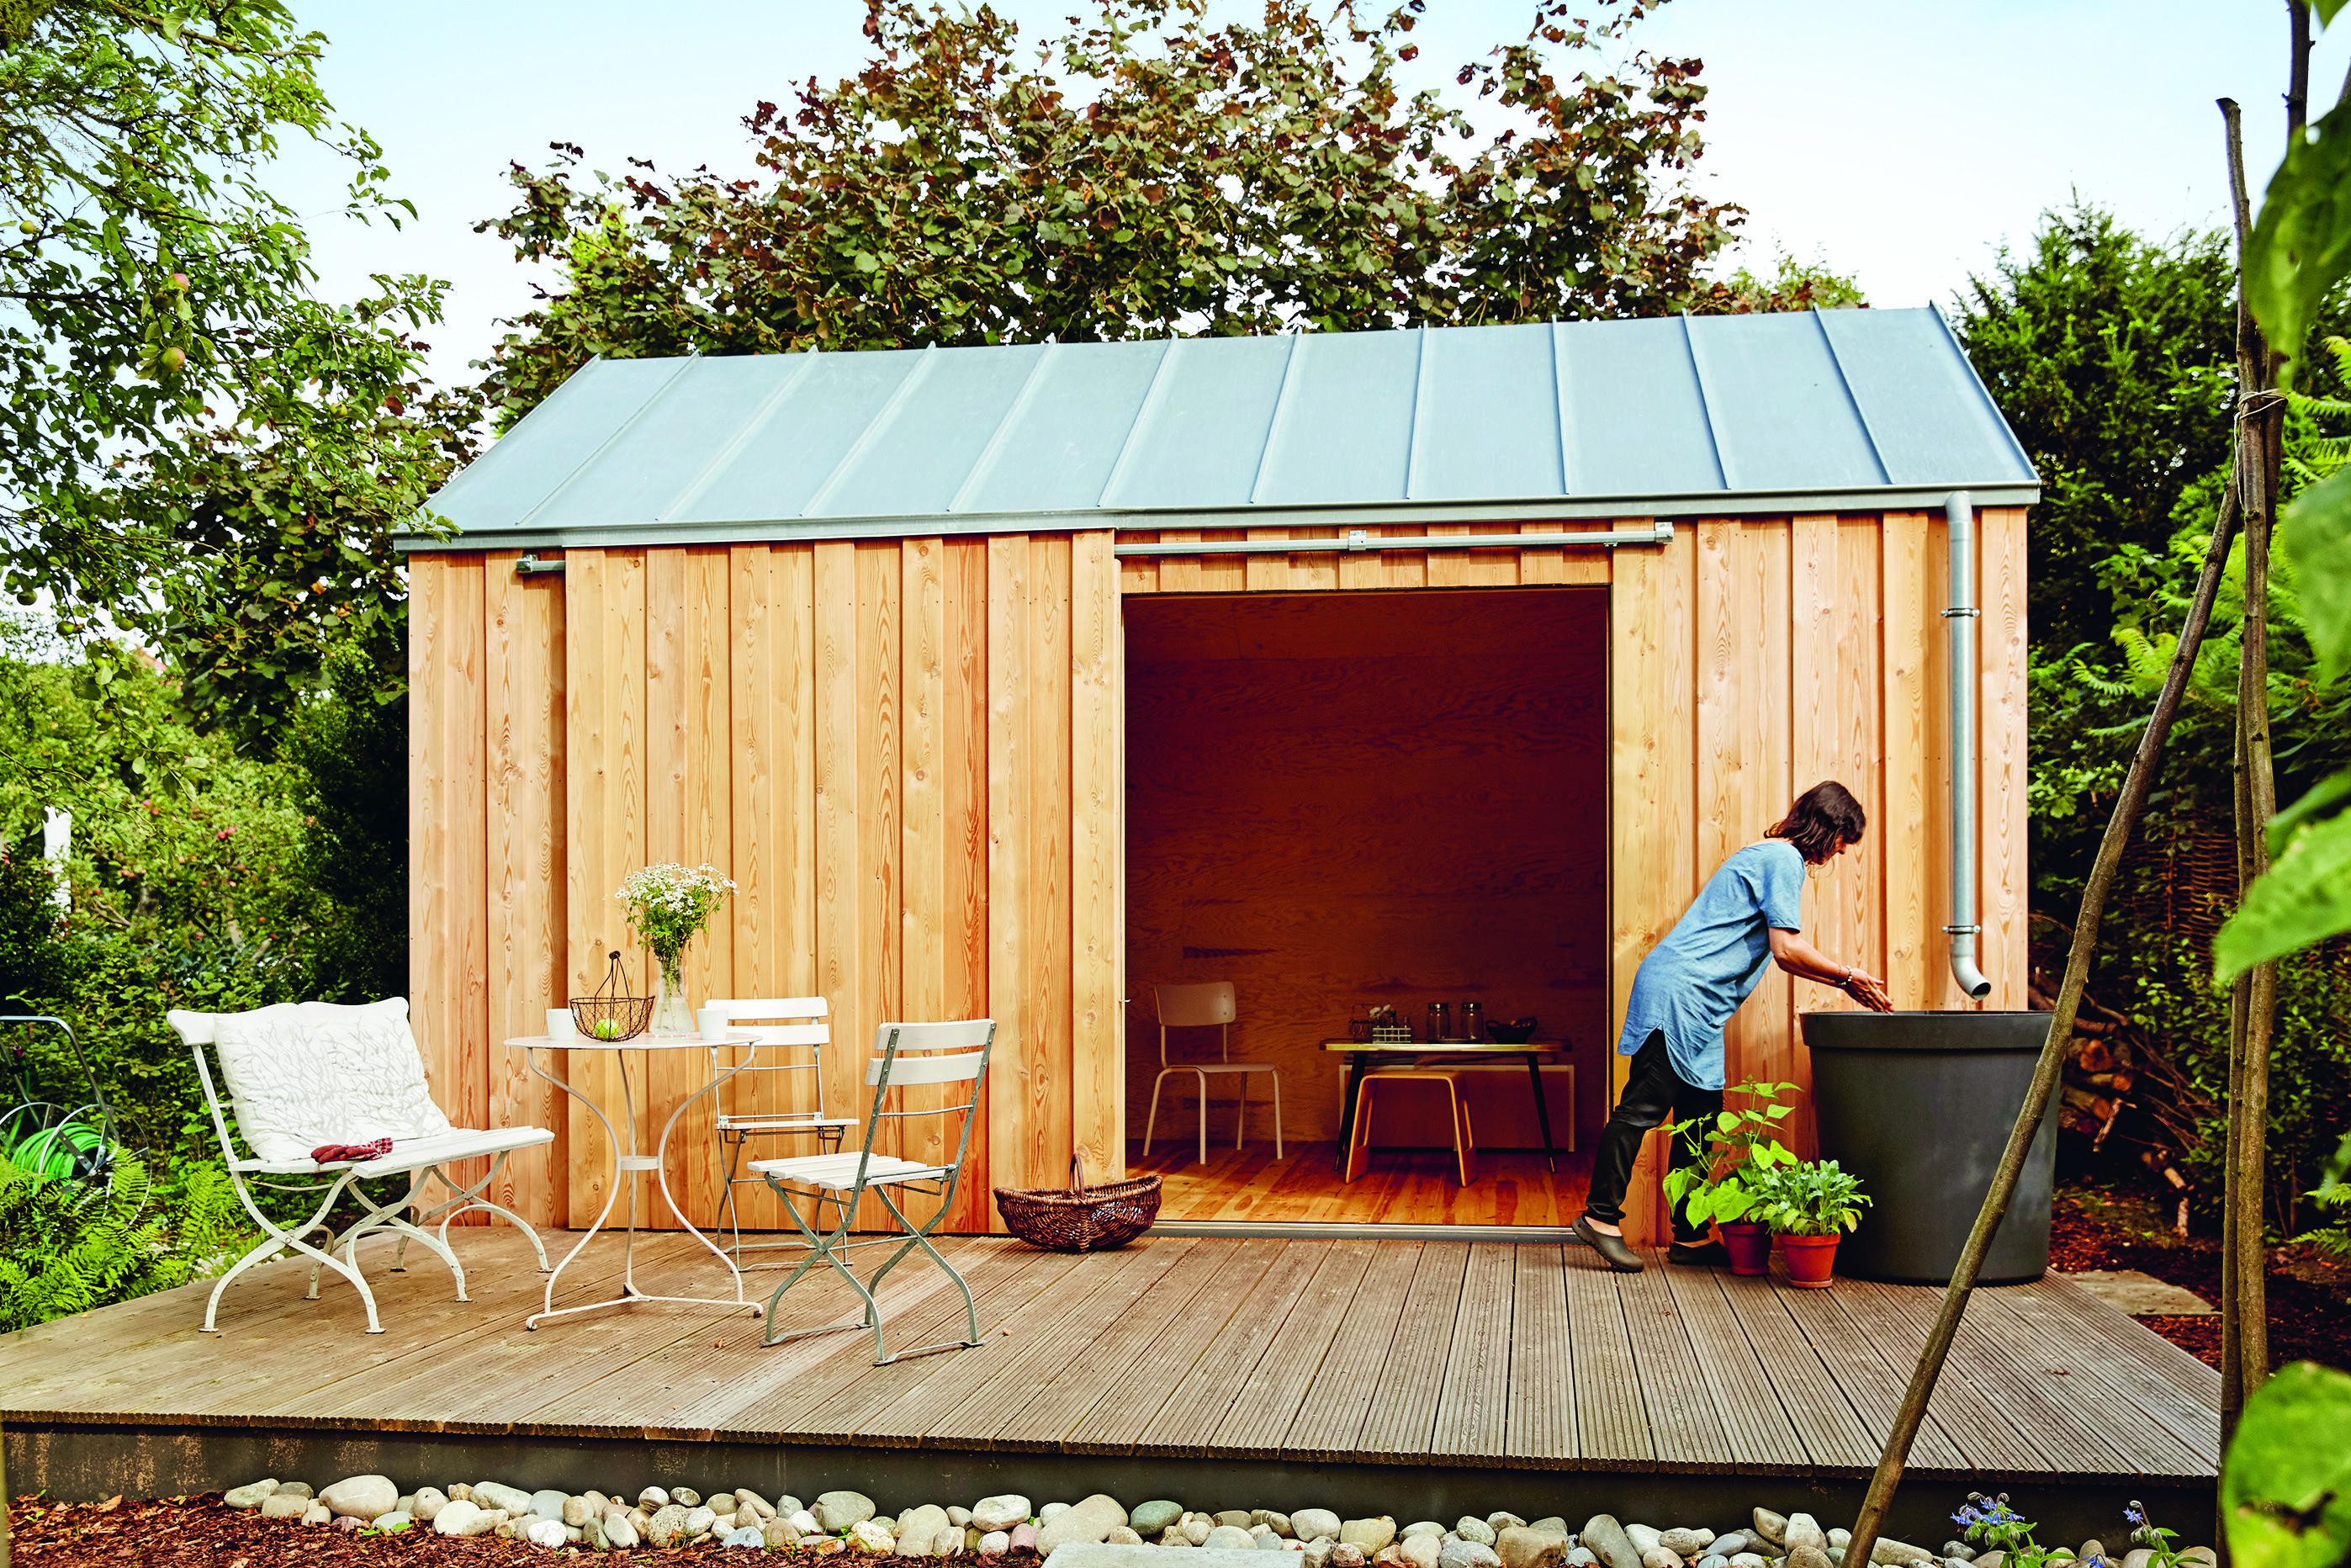 GartenhausIdeen für den Schrebergarten in 2020